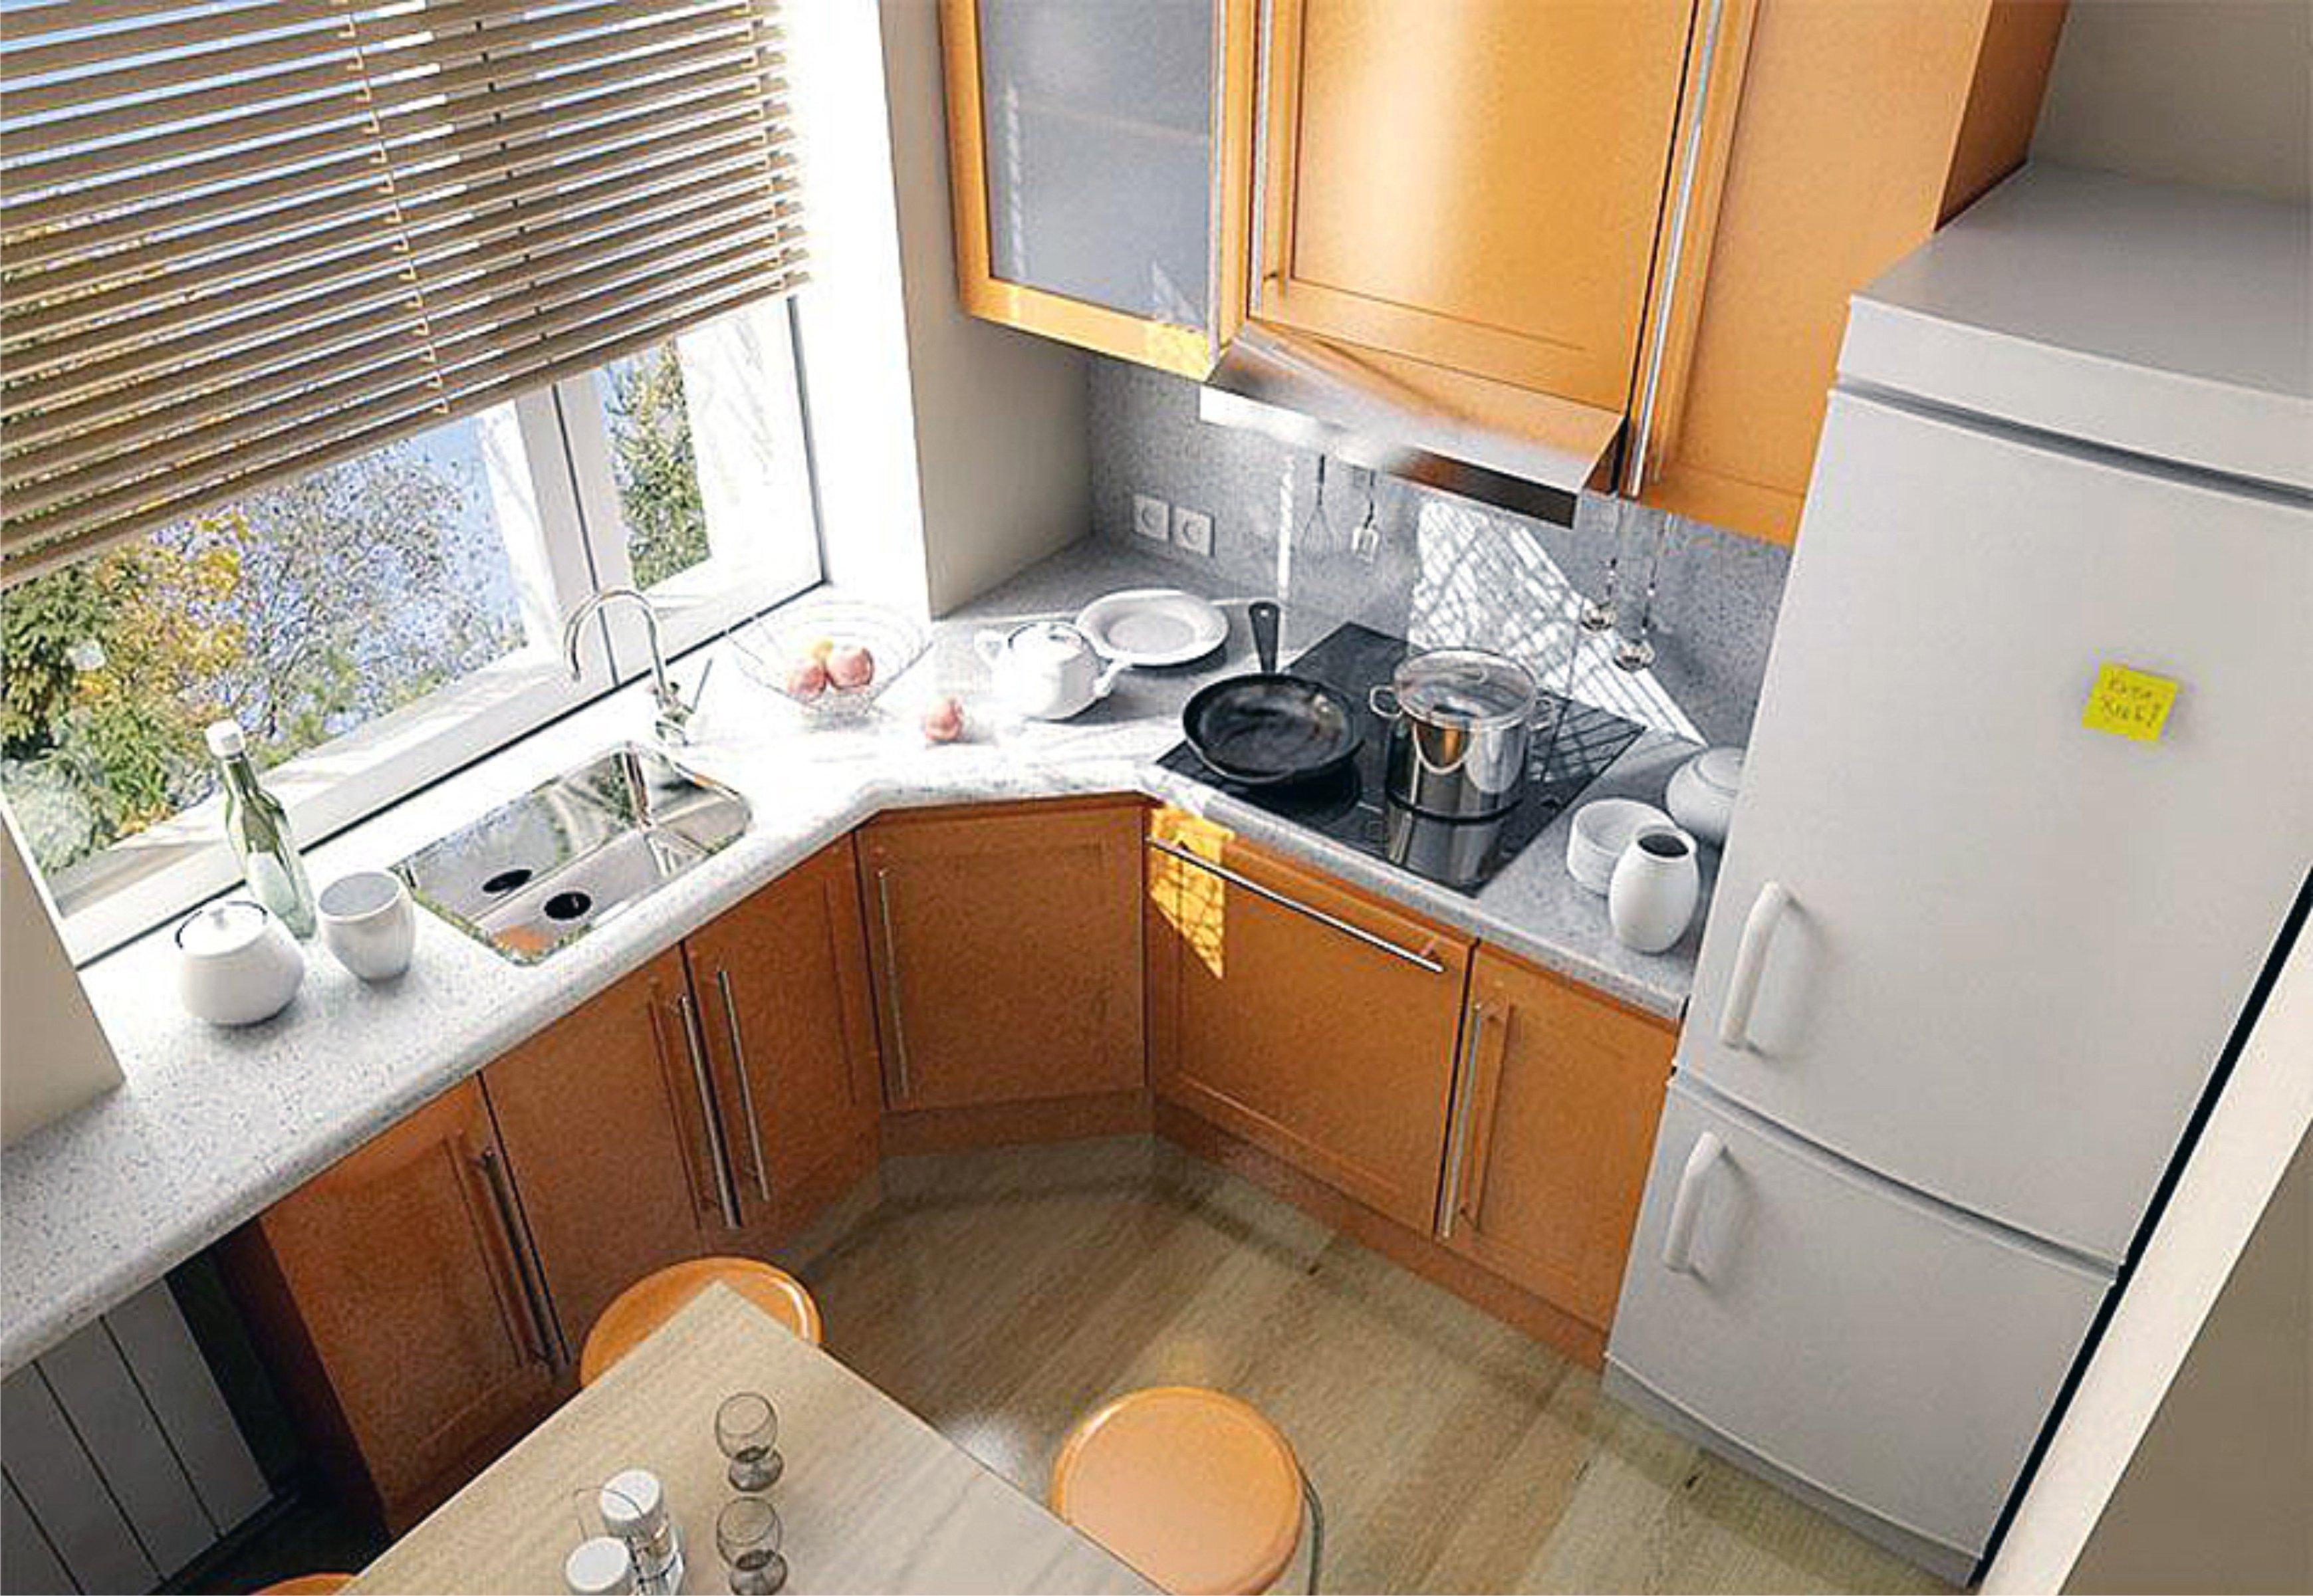 Ремонт и дизайн кухонь в хрущевке - идеи интерьера маленькой.